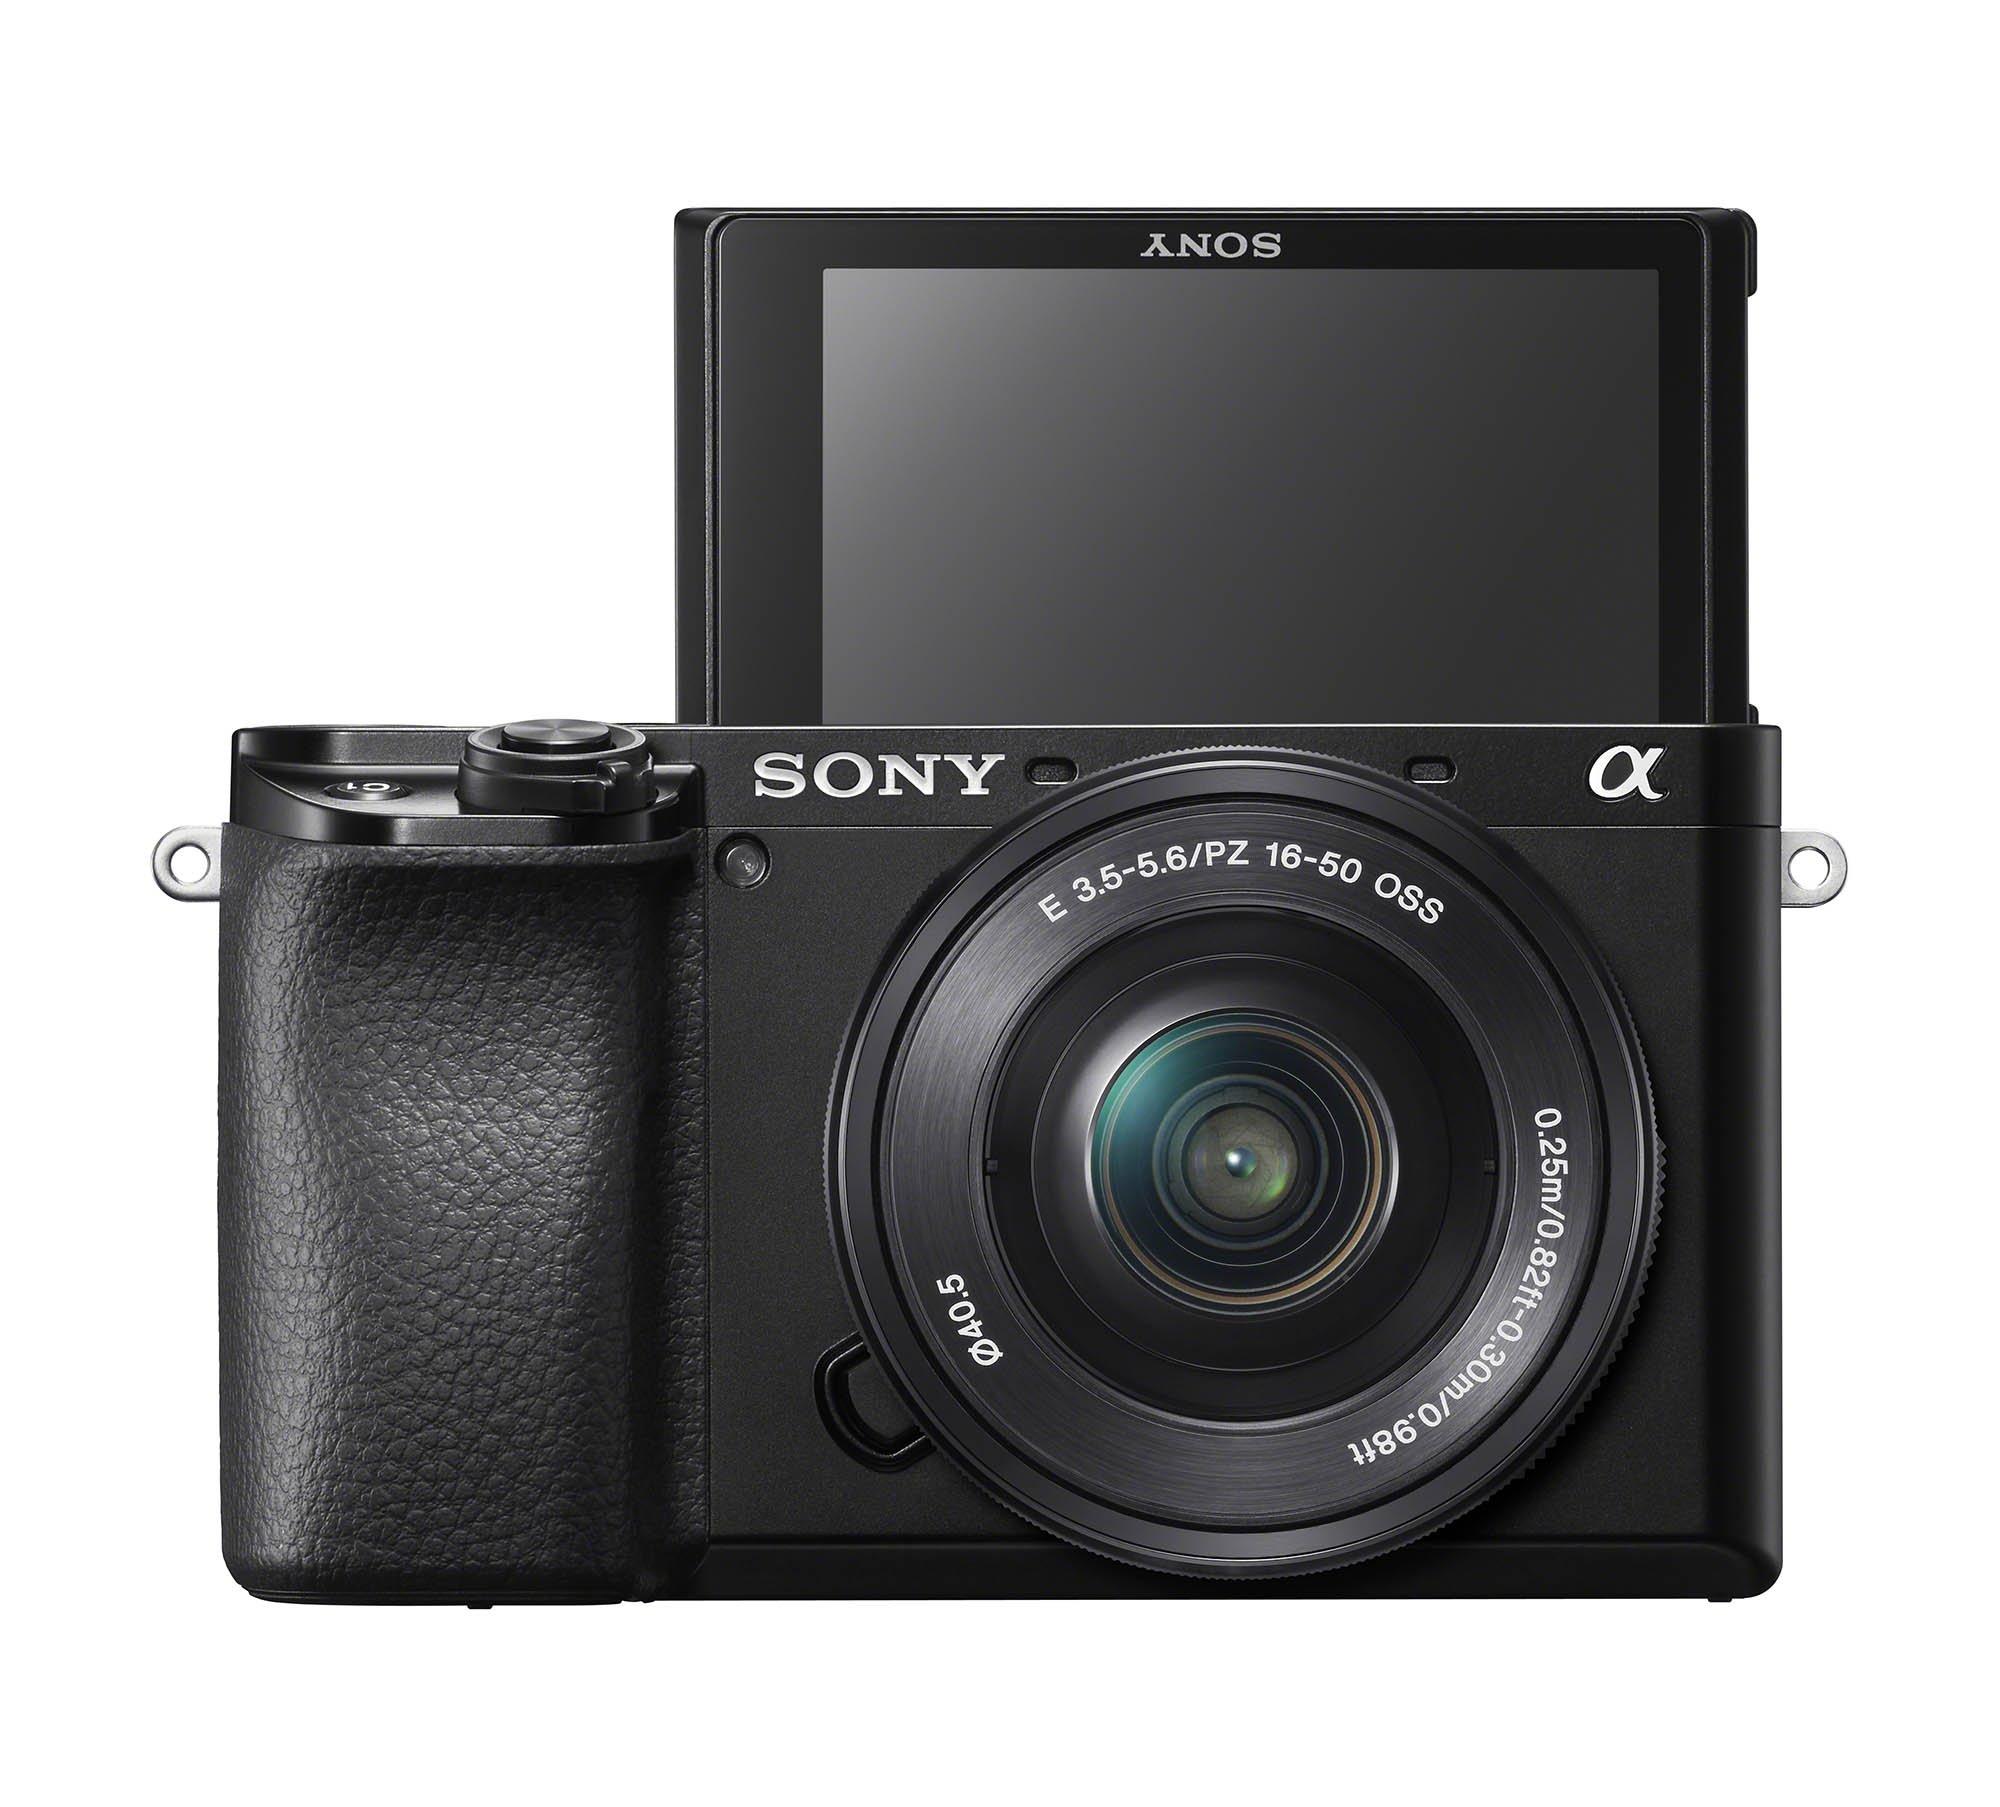 Sony a6100 SELP1650 Selfie